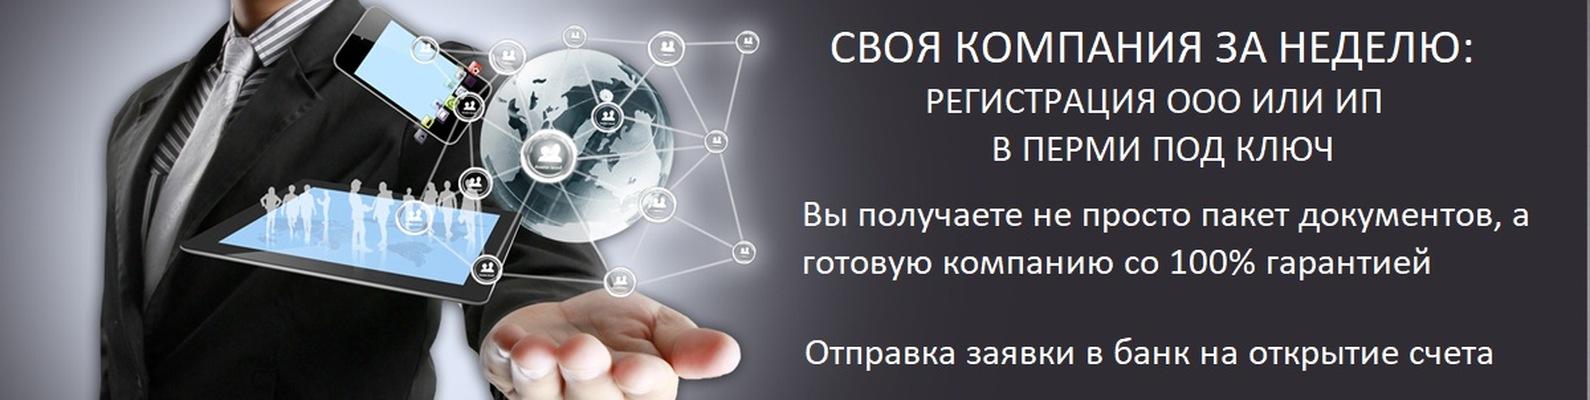 Регистрация ип пермь под ключ заявления на регистрацию ип скачать бланк